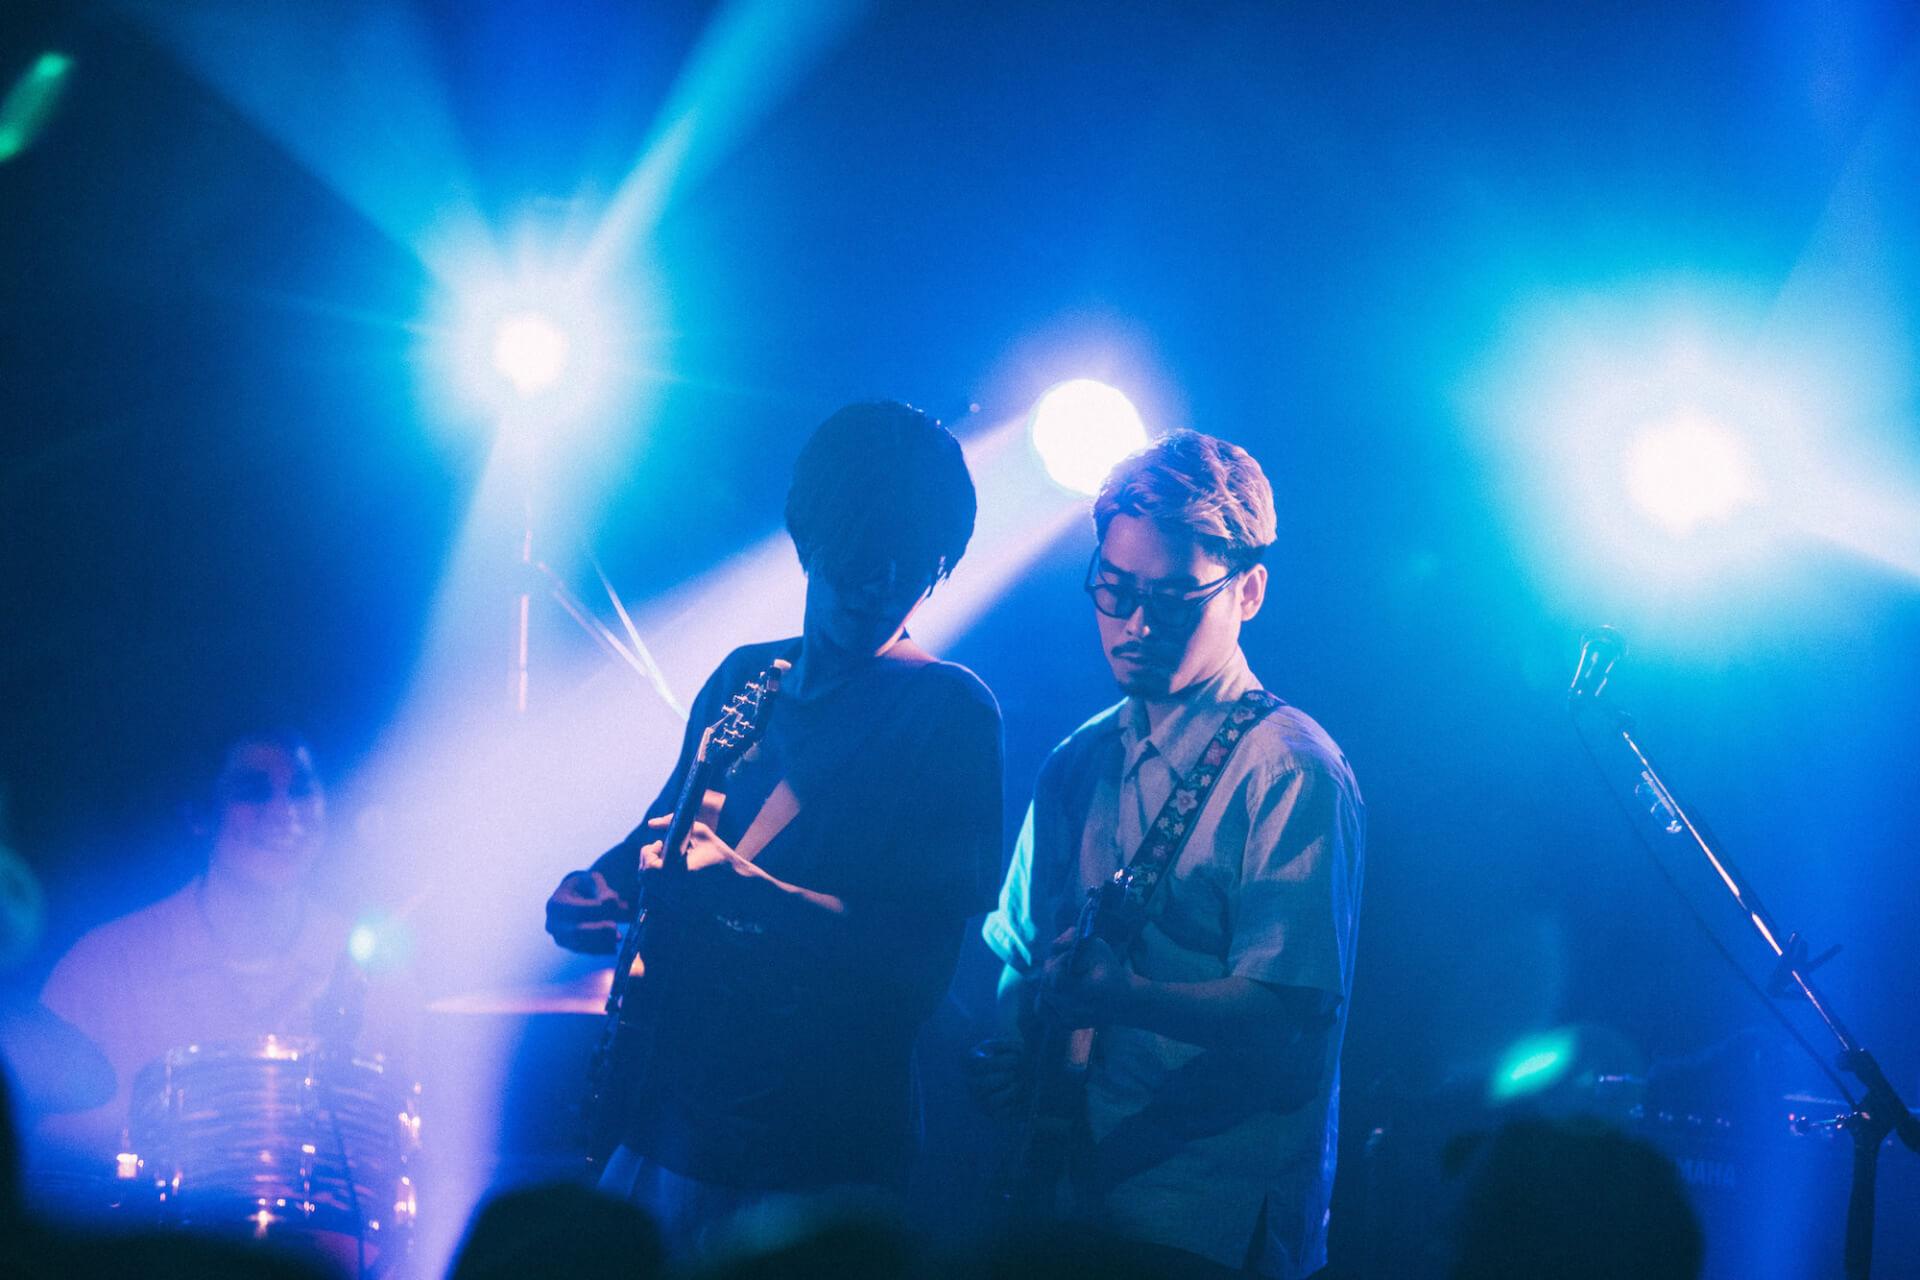 ライブレポート:WWW 10th Anniversary BIM × Yogee New Waves━━生活と分かち難いライブの喜び music210624-bim-yogee-new-waves-5-1